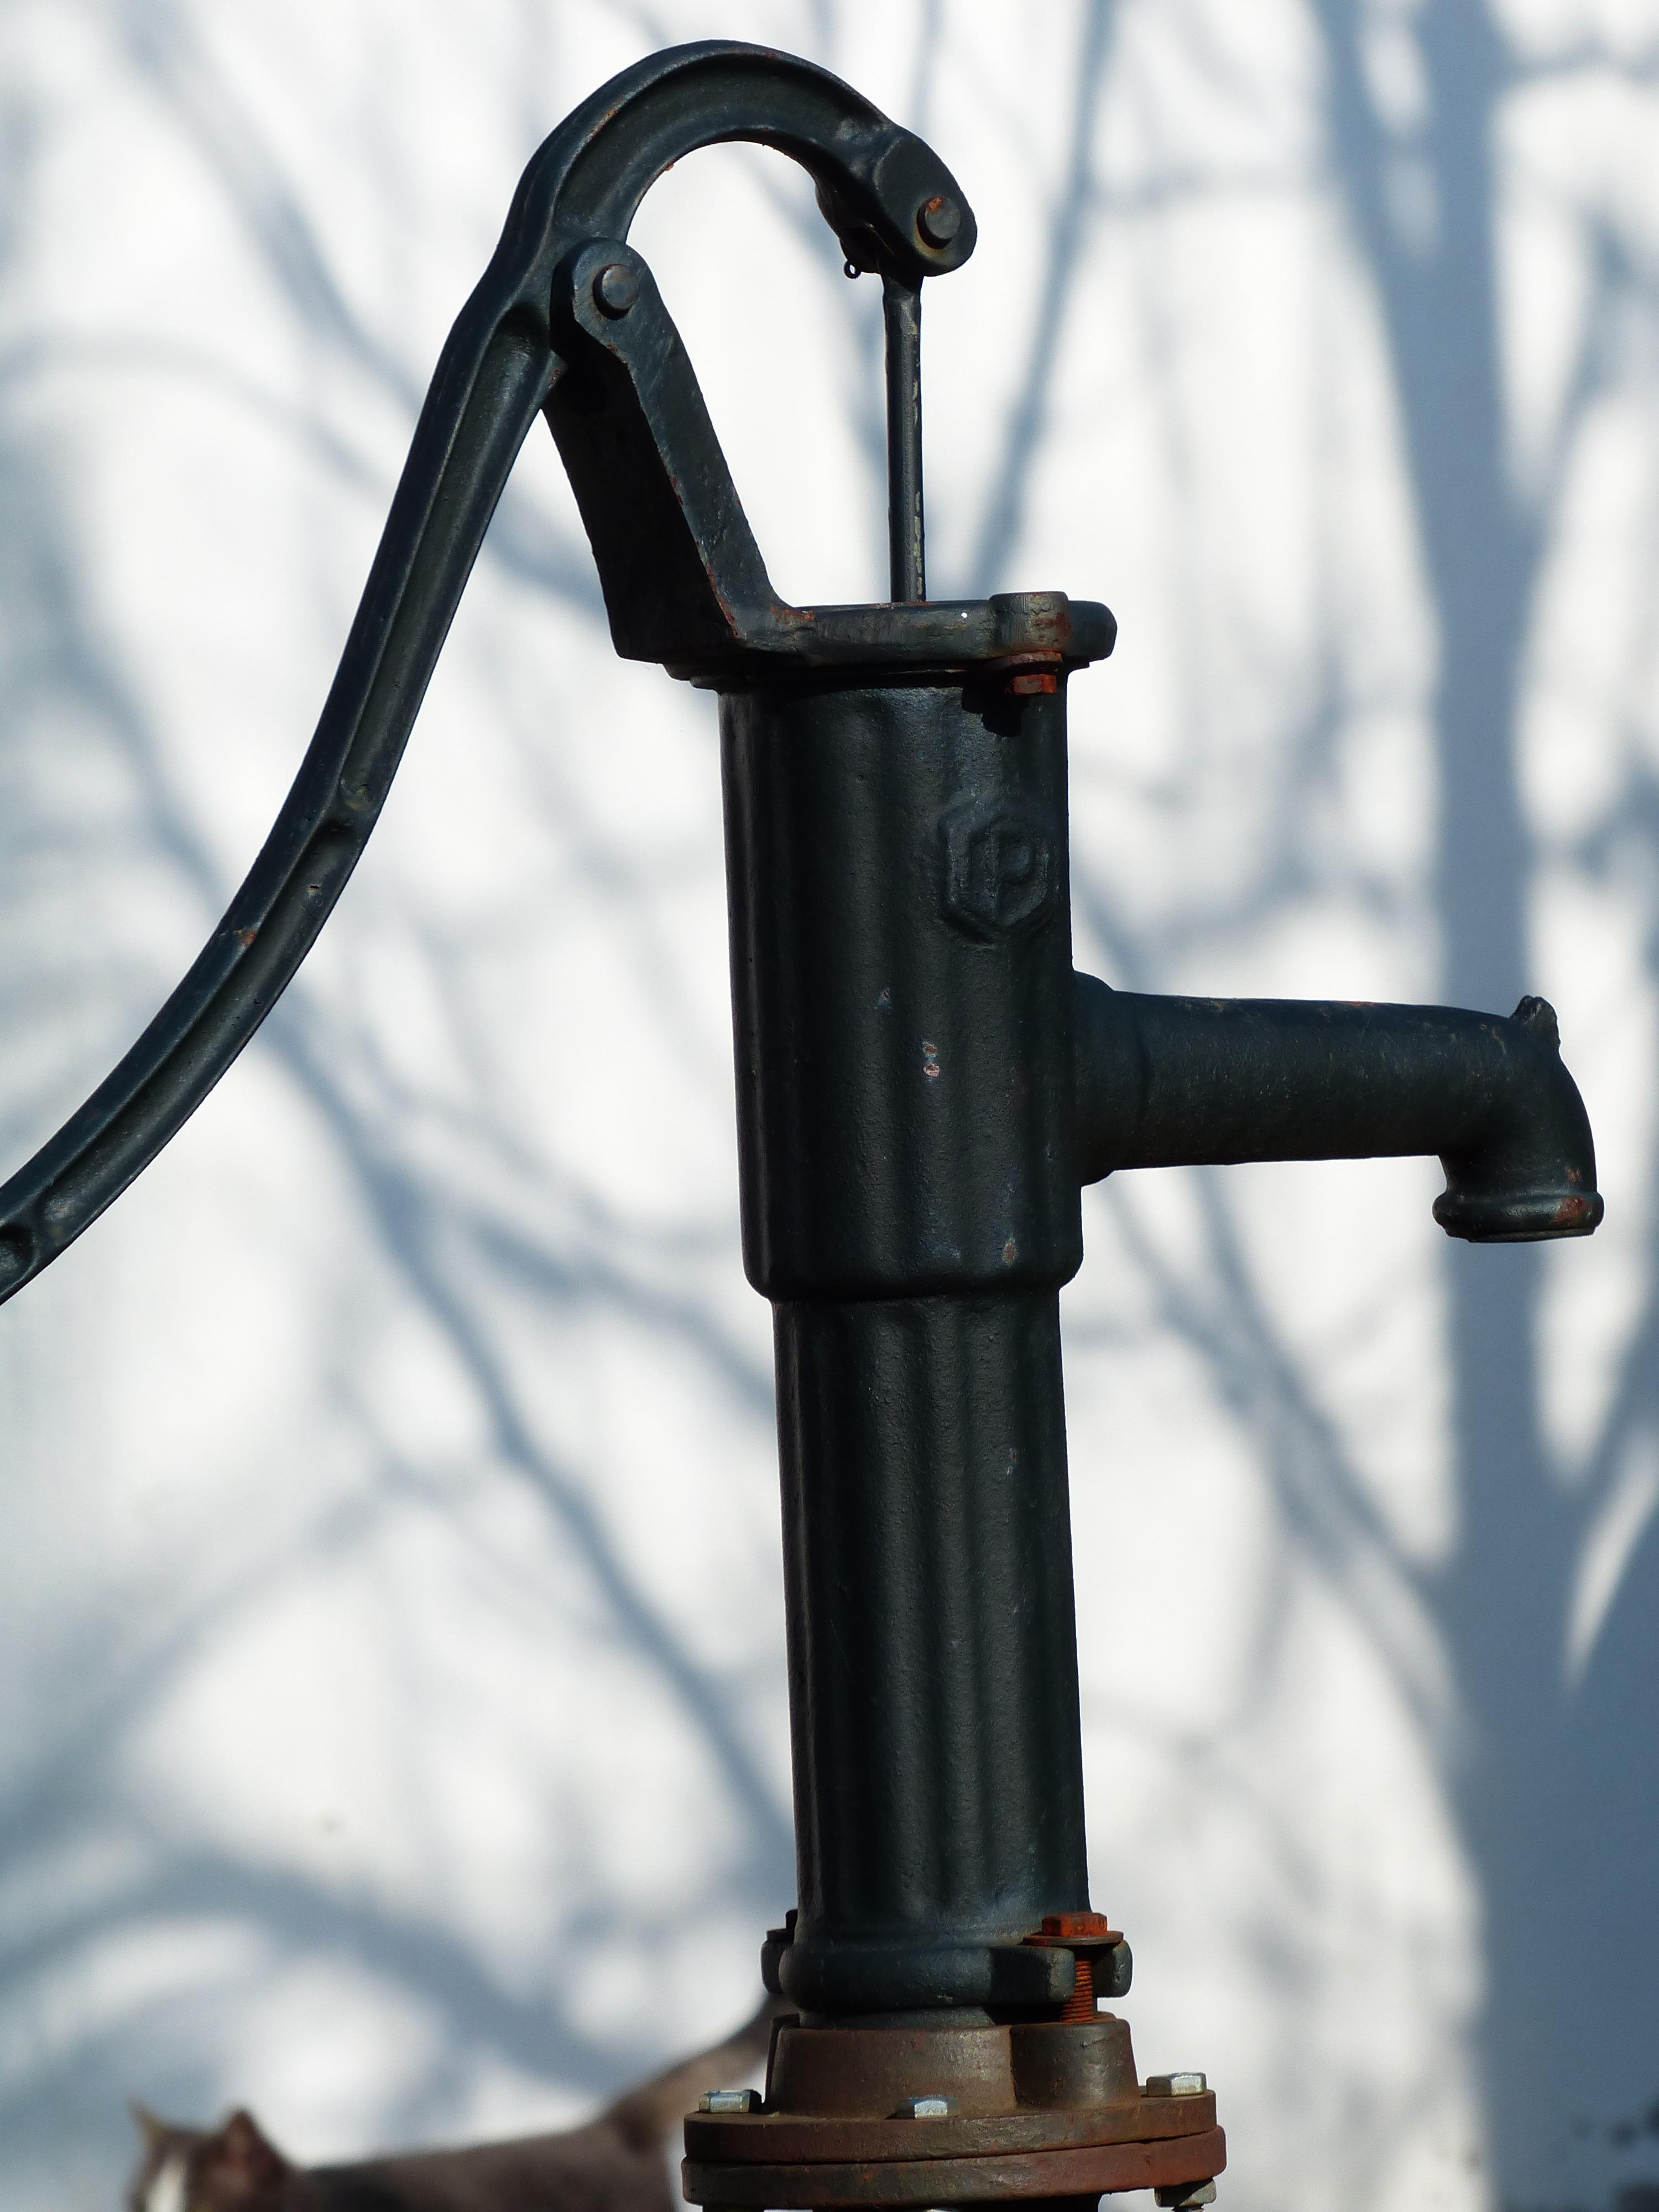 water wiel fiets voertuig mast straatlantaarn tuin verlichting sportuitrusting mountain bike pomp fontein irrigatie handpomp